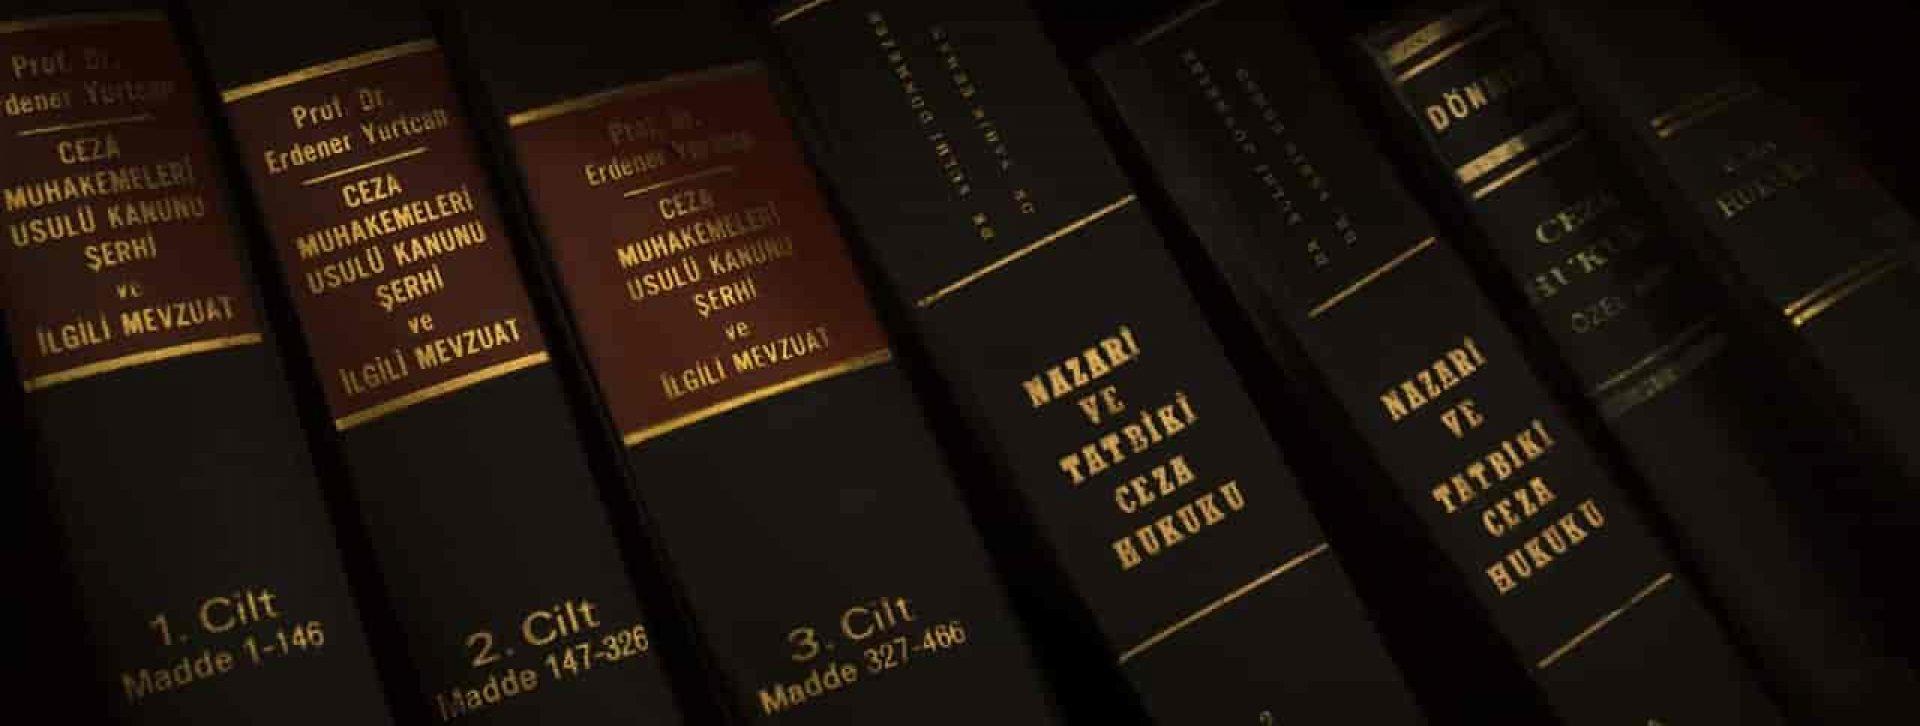 Avukat Oğuzhan Yazıcı